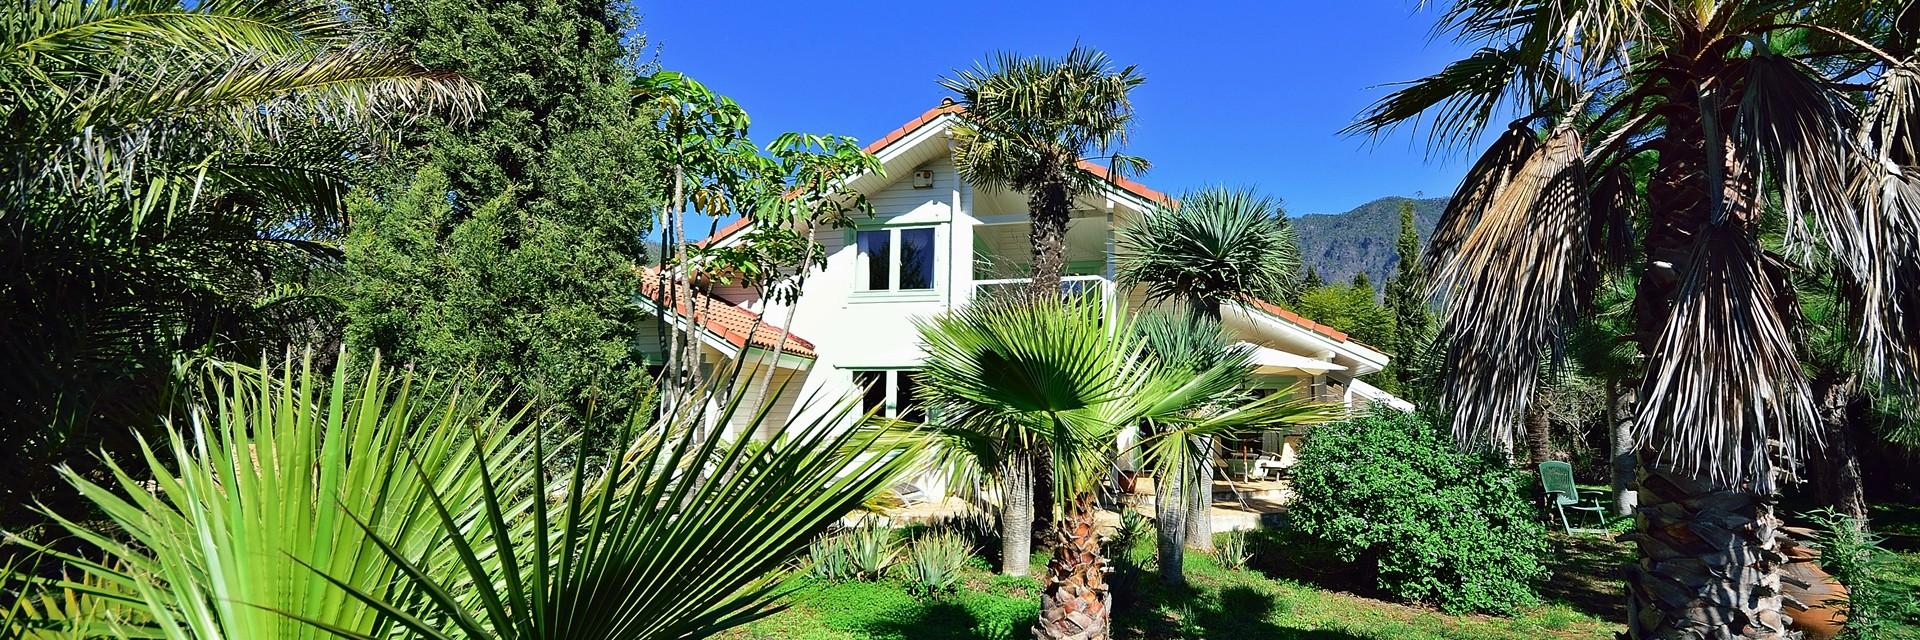 Casa de campo Madera - El Paso - La Palma - Las Canarias